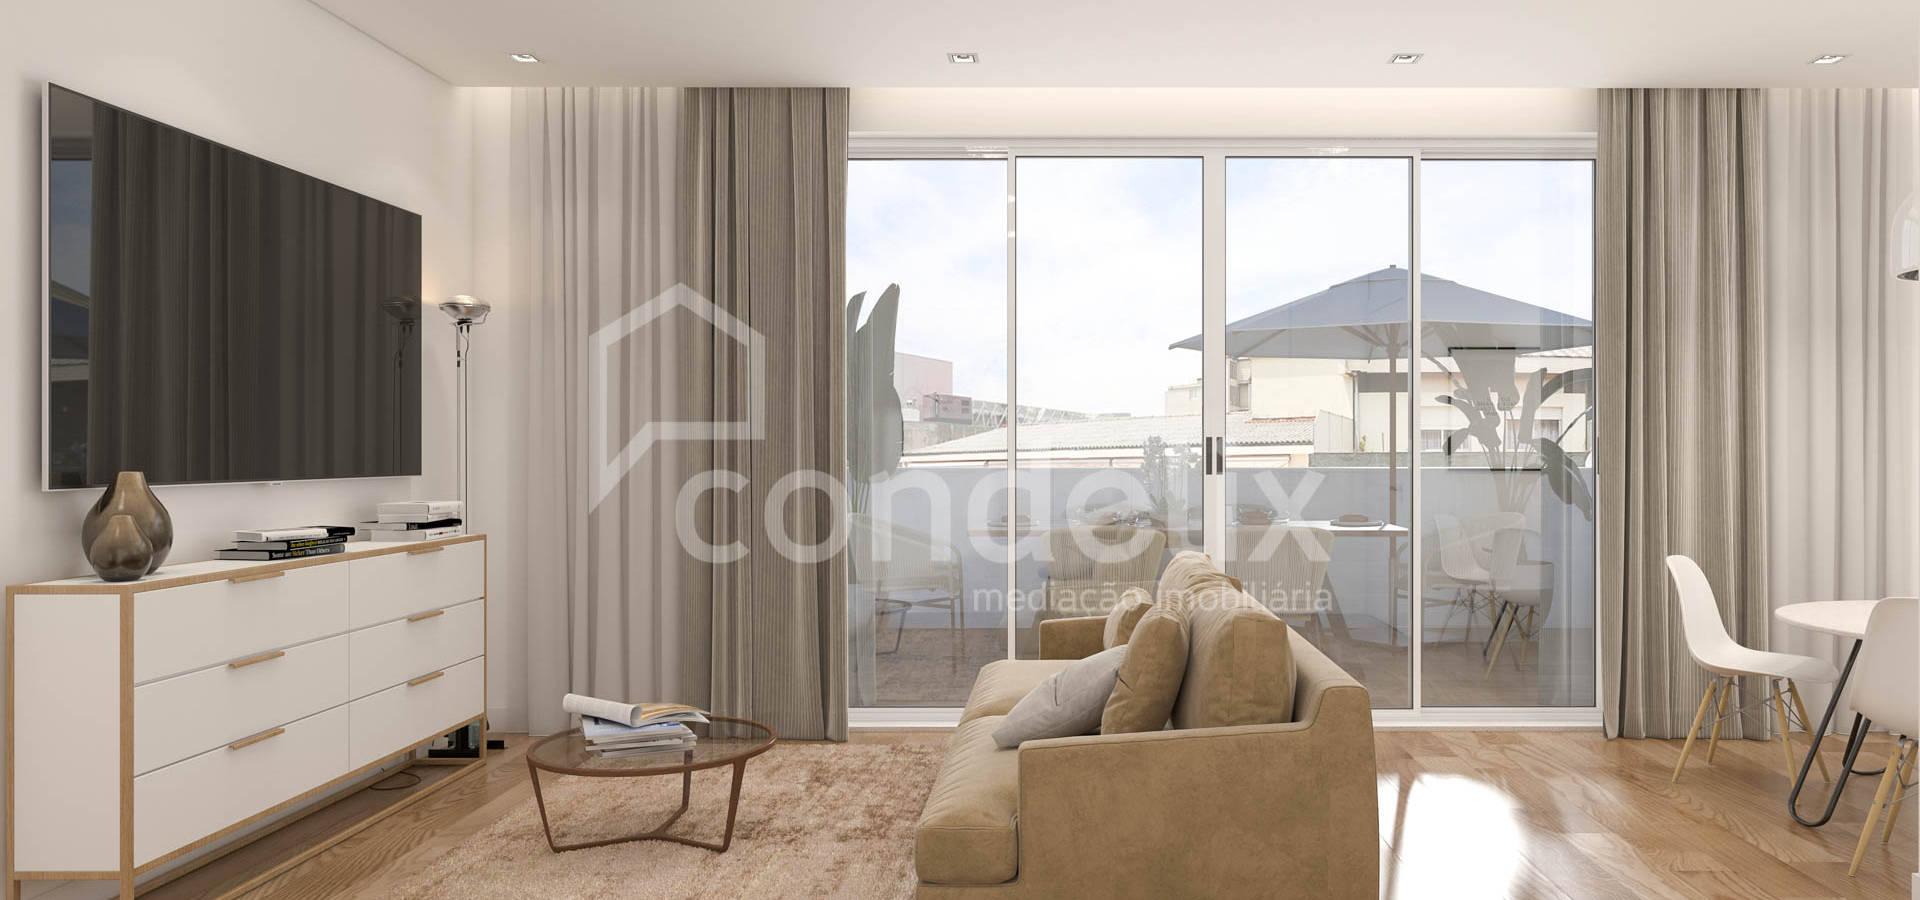 Condelix Imobiliária